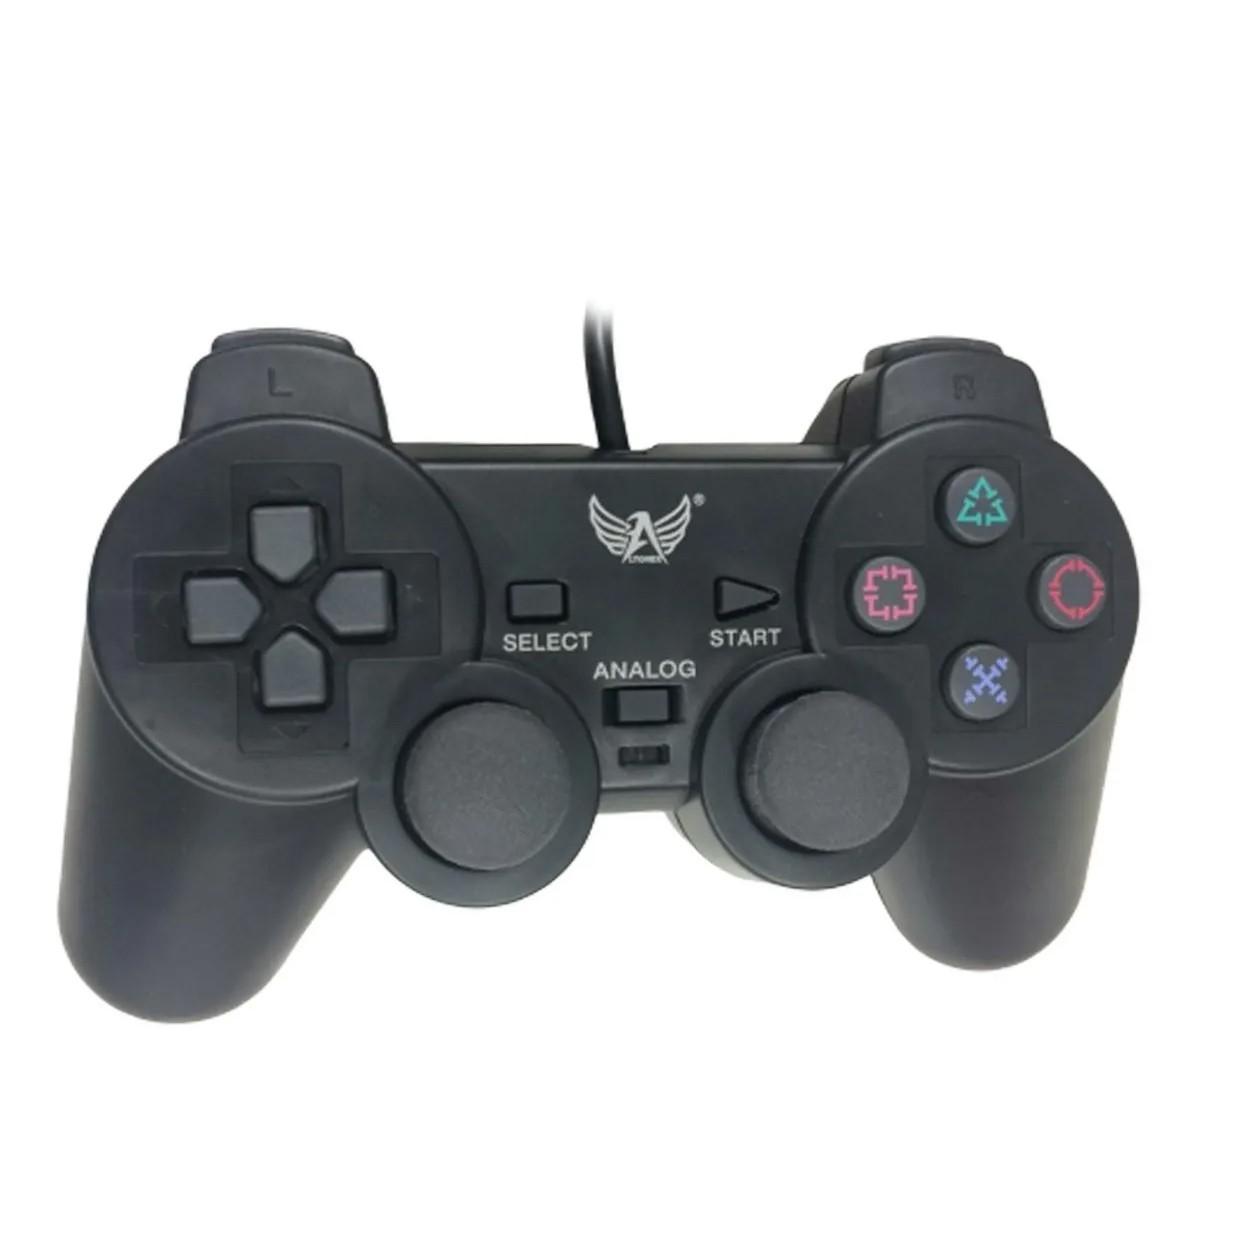 Controle Joystick PS2 Playstation 2 Altomex ALTO-2 Com Fio - ALTO-2Y